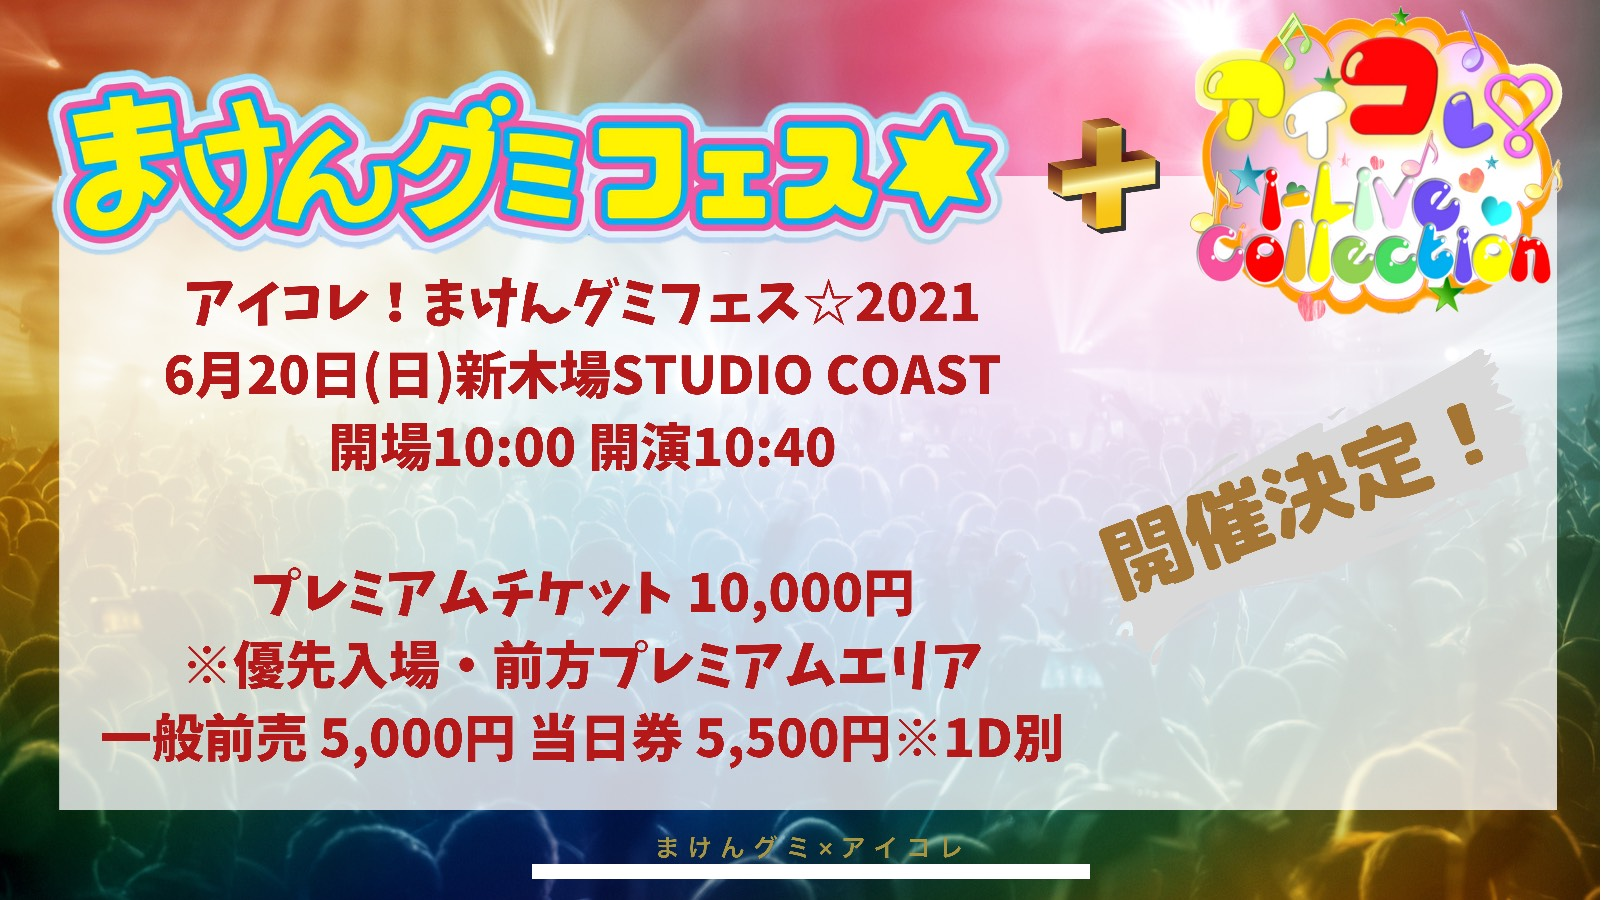 アイコレ!まけんグミフェス☆2021